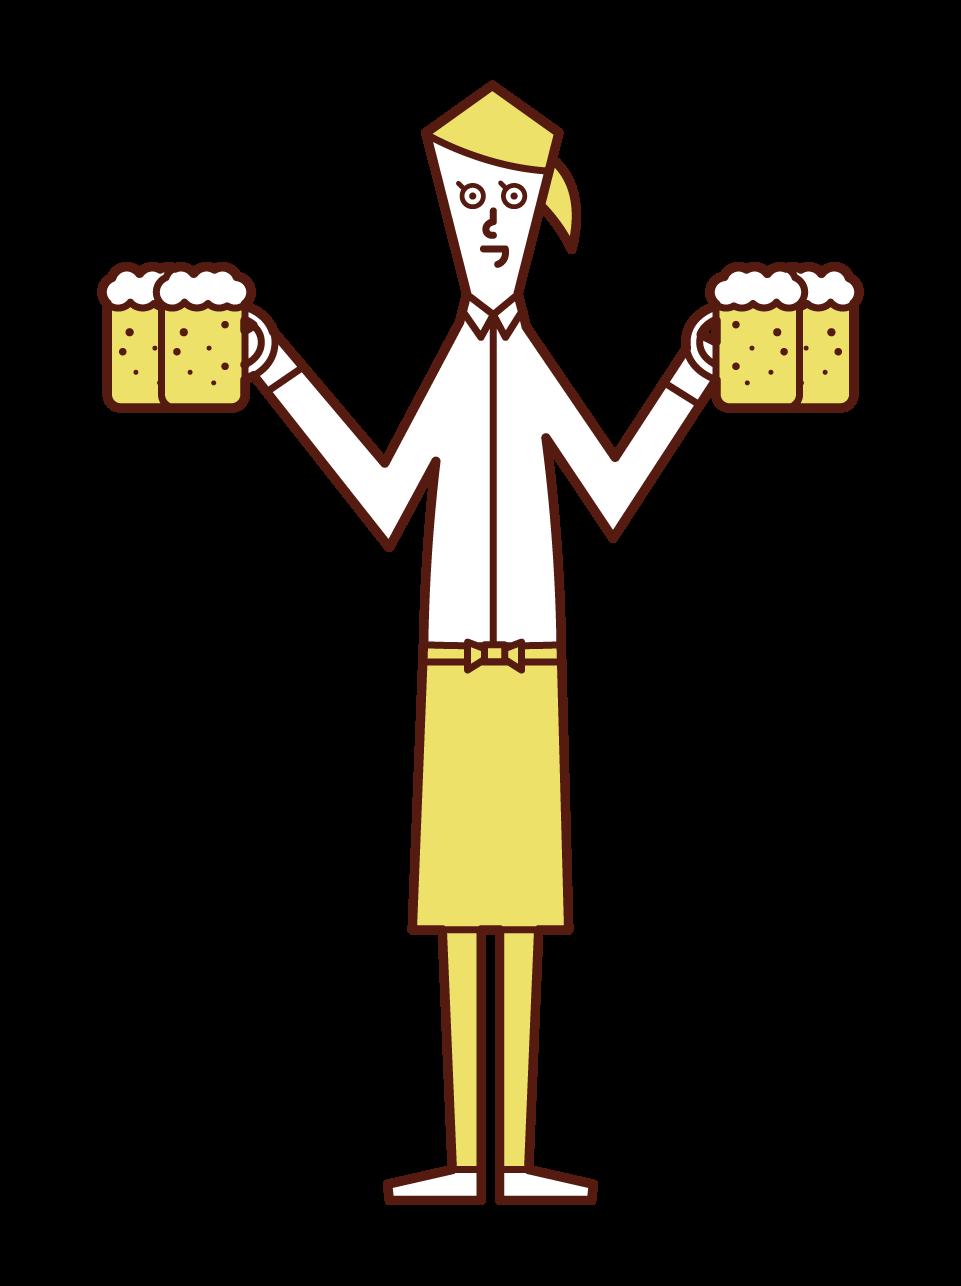 ビールを持ったホールスタッフ・ウエイトレス(女性)のイラスト